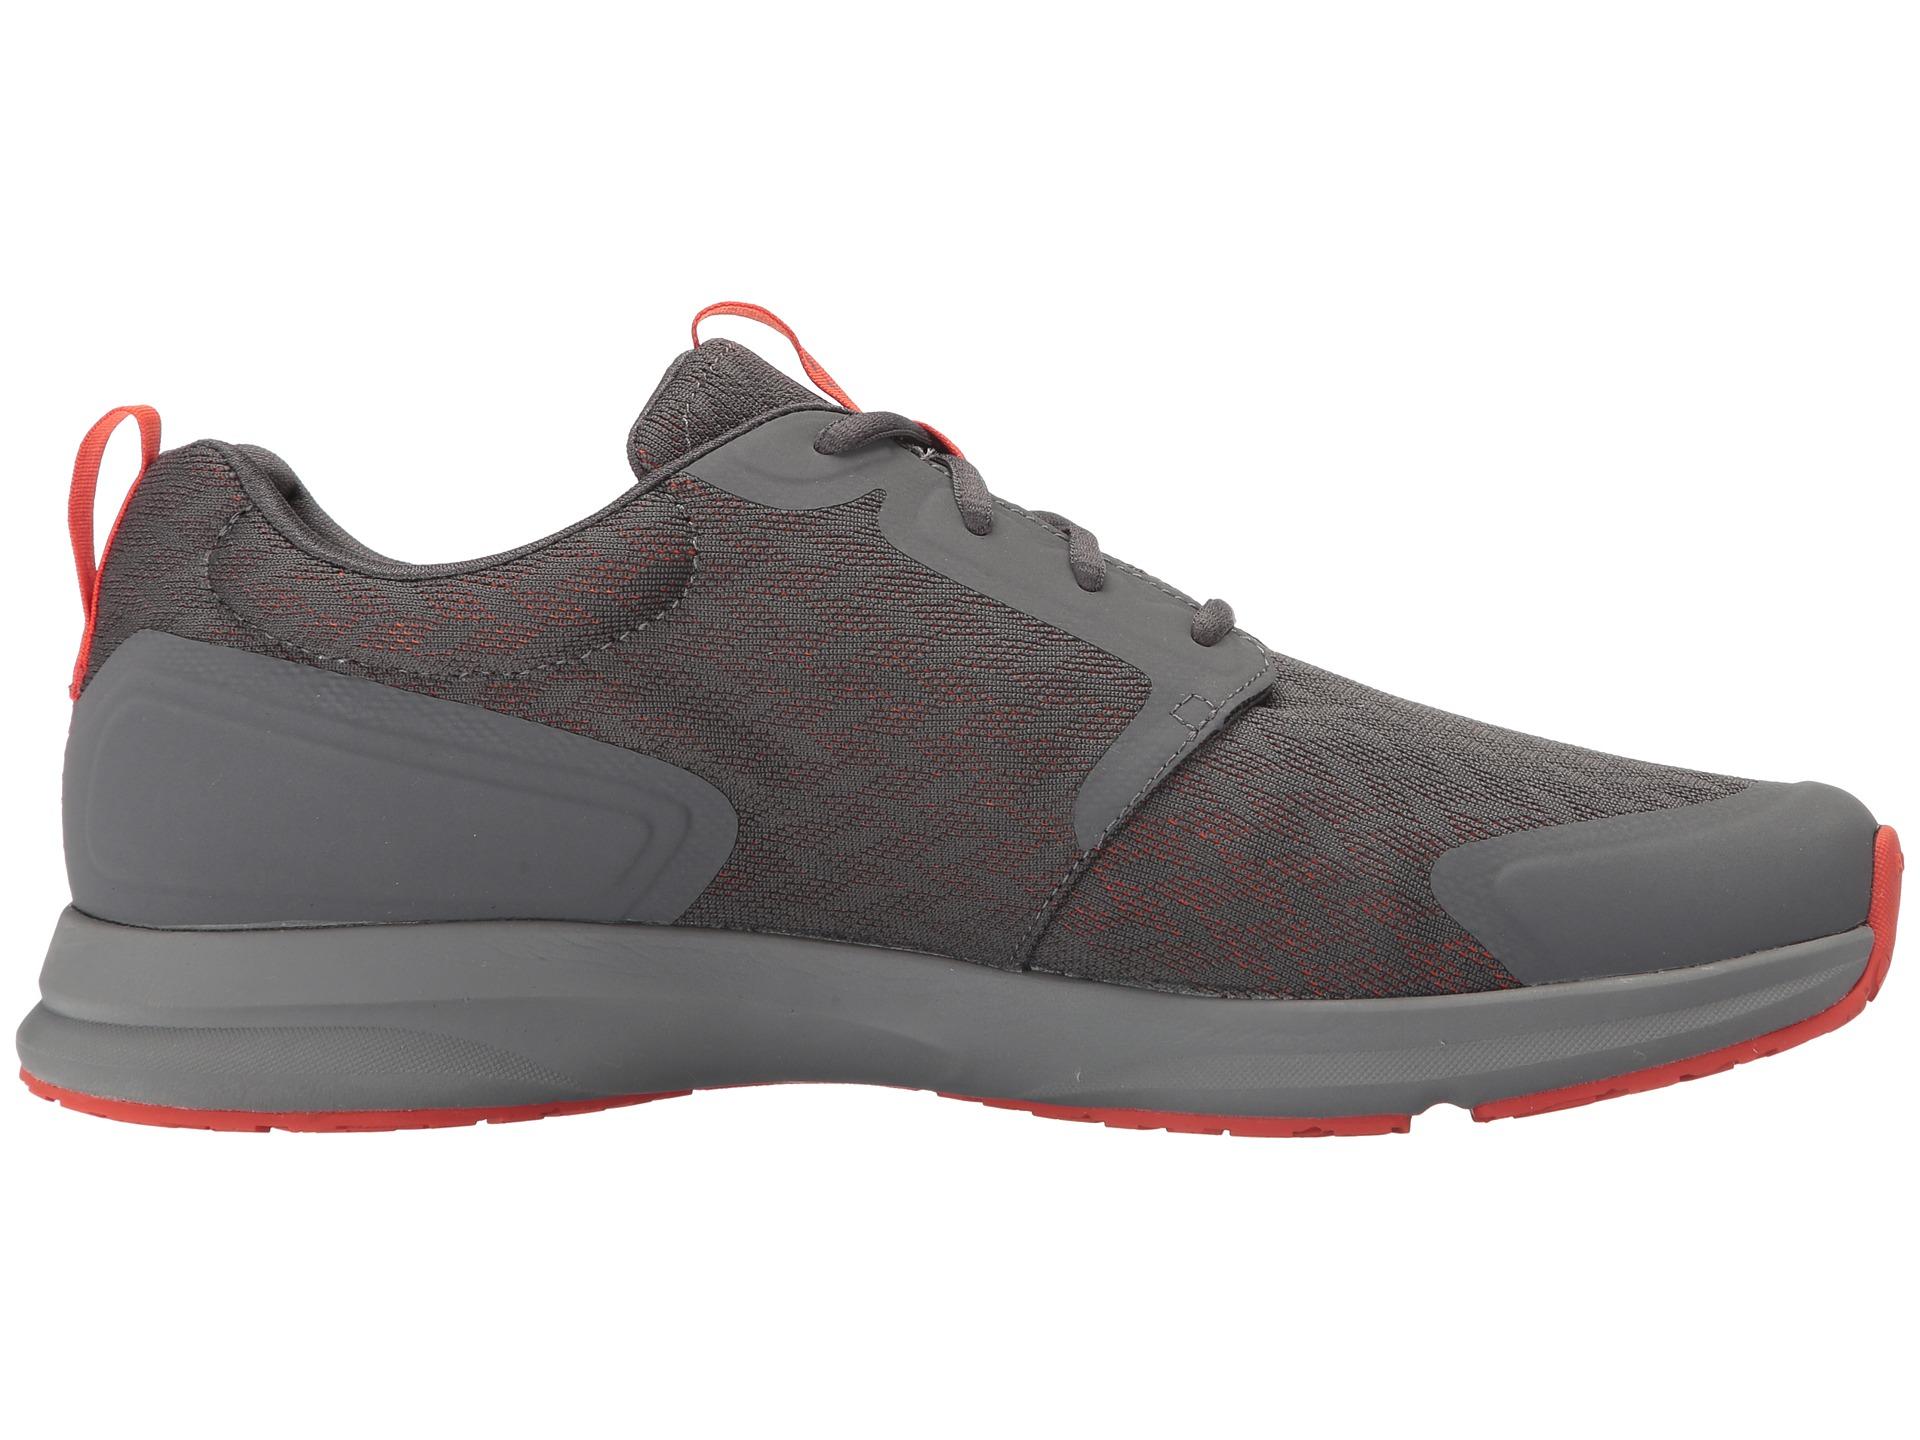 Zappos Tennis Shoes Men